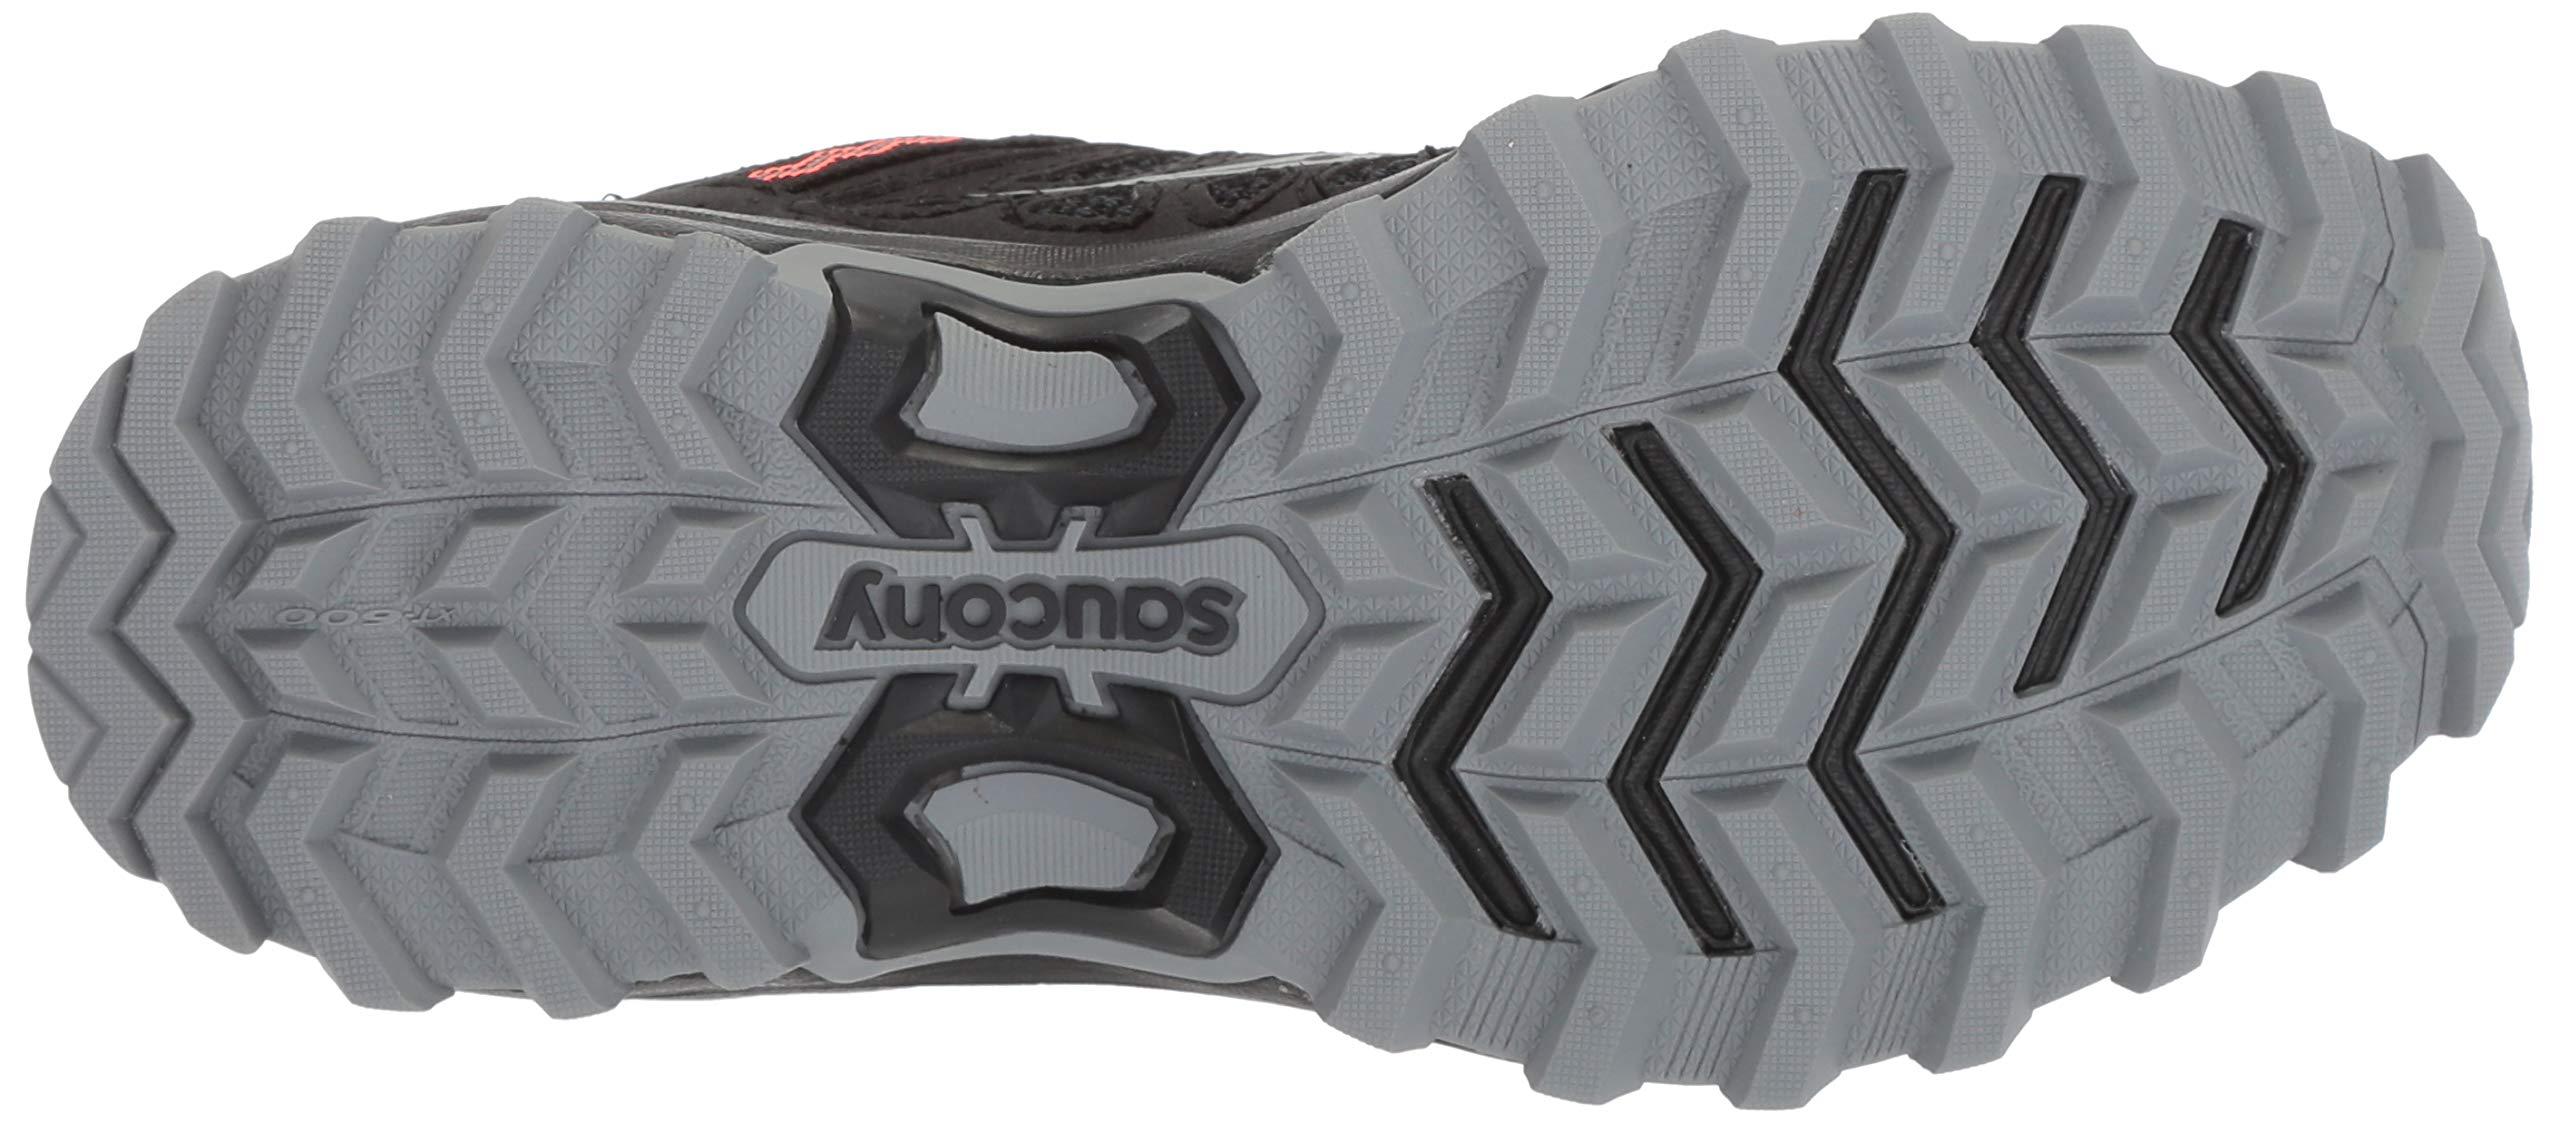 71H1r1Z20%2BL - Saucony Women's Excursion Tr12 GTX Training Shoes